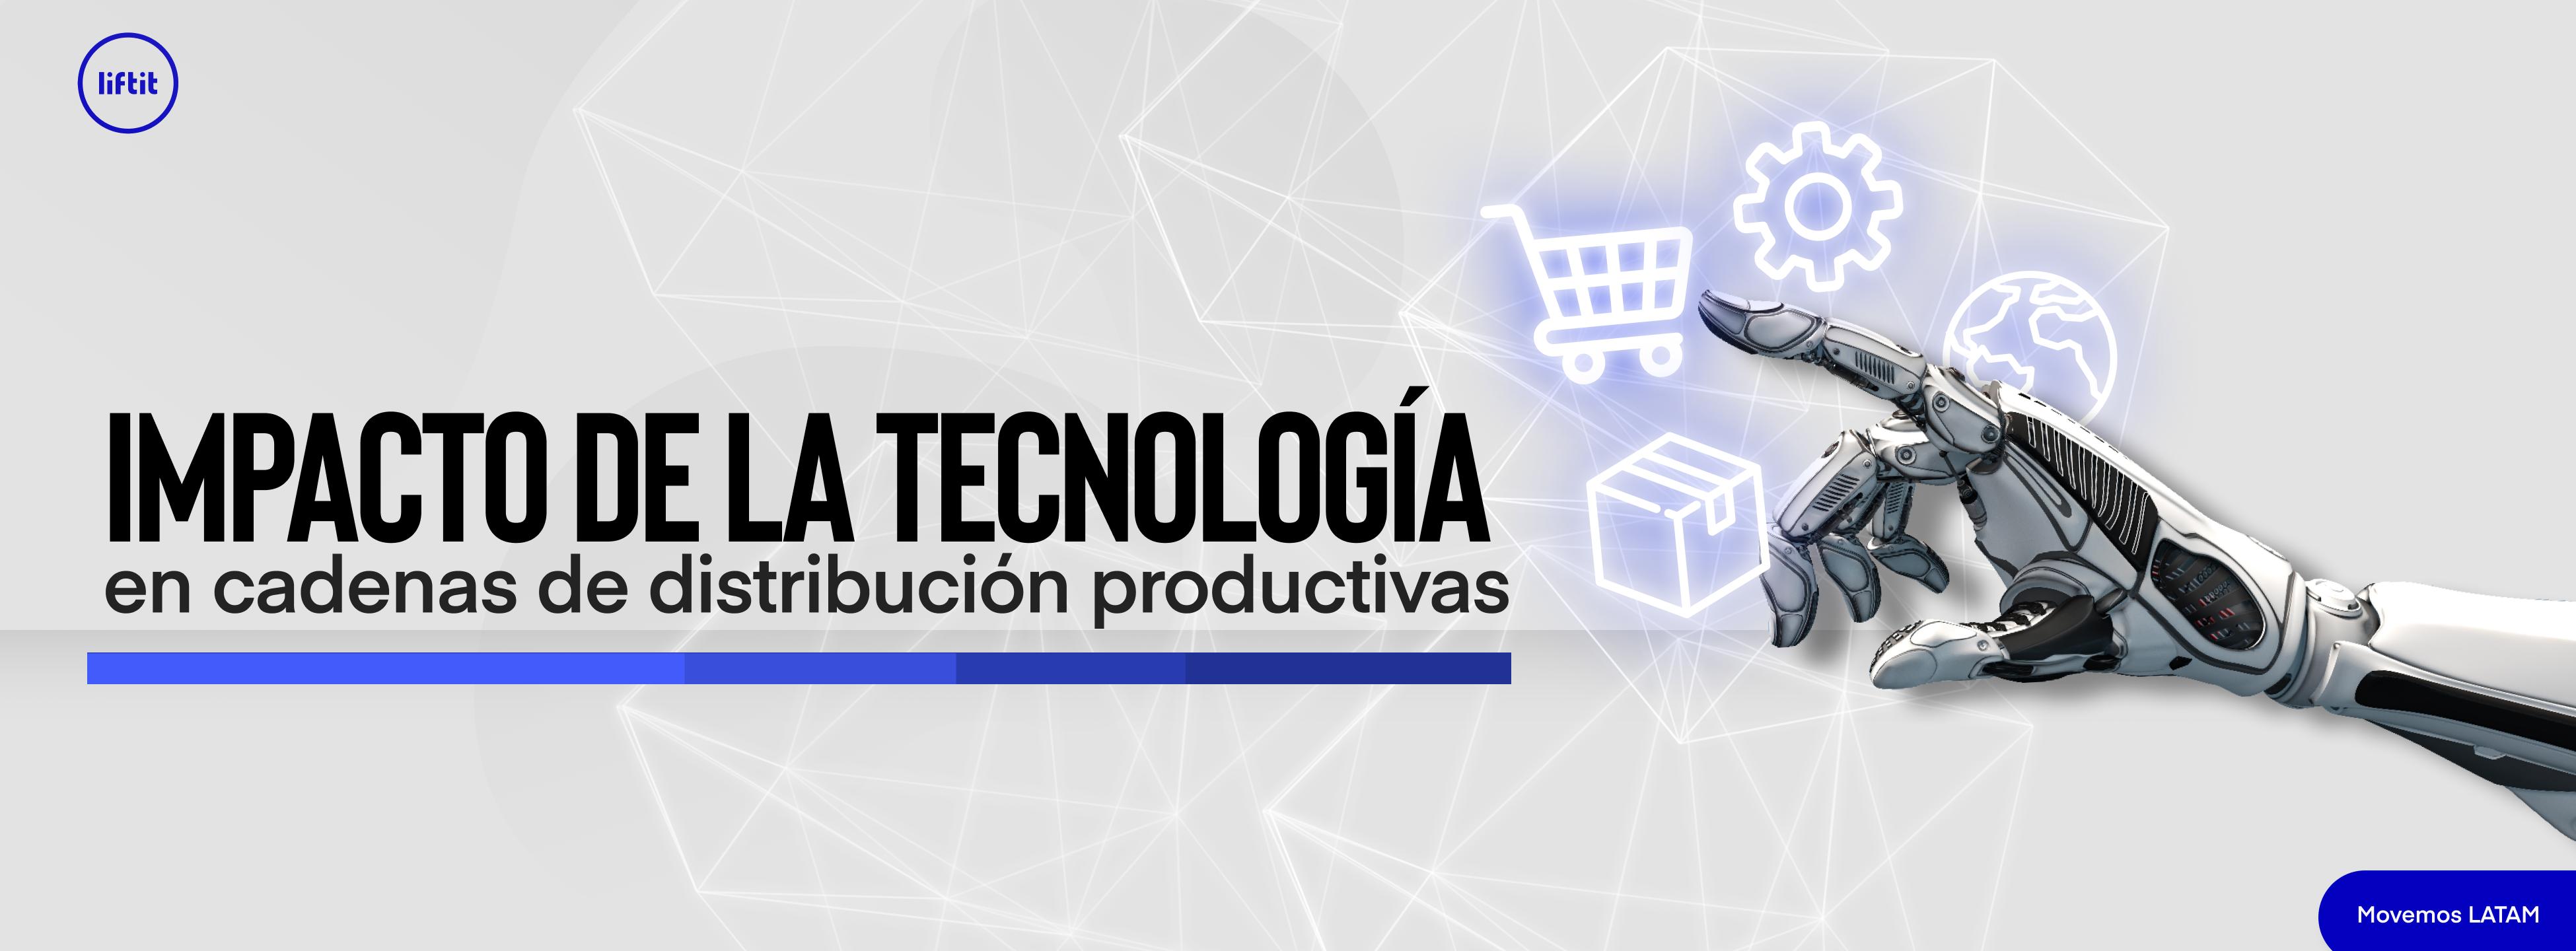 Impacto de la tecnología en cadenas de distribución productivas